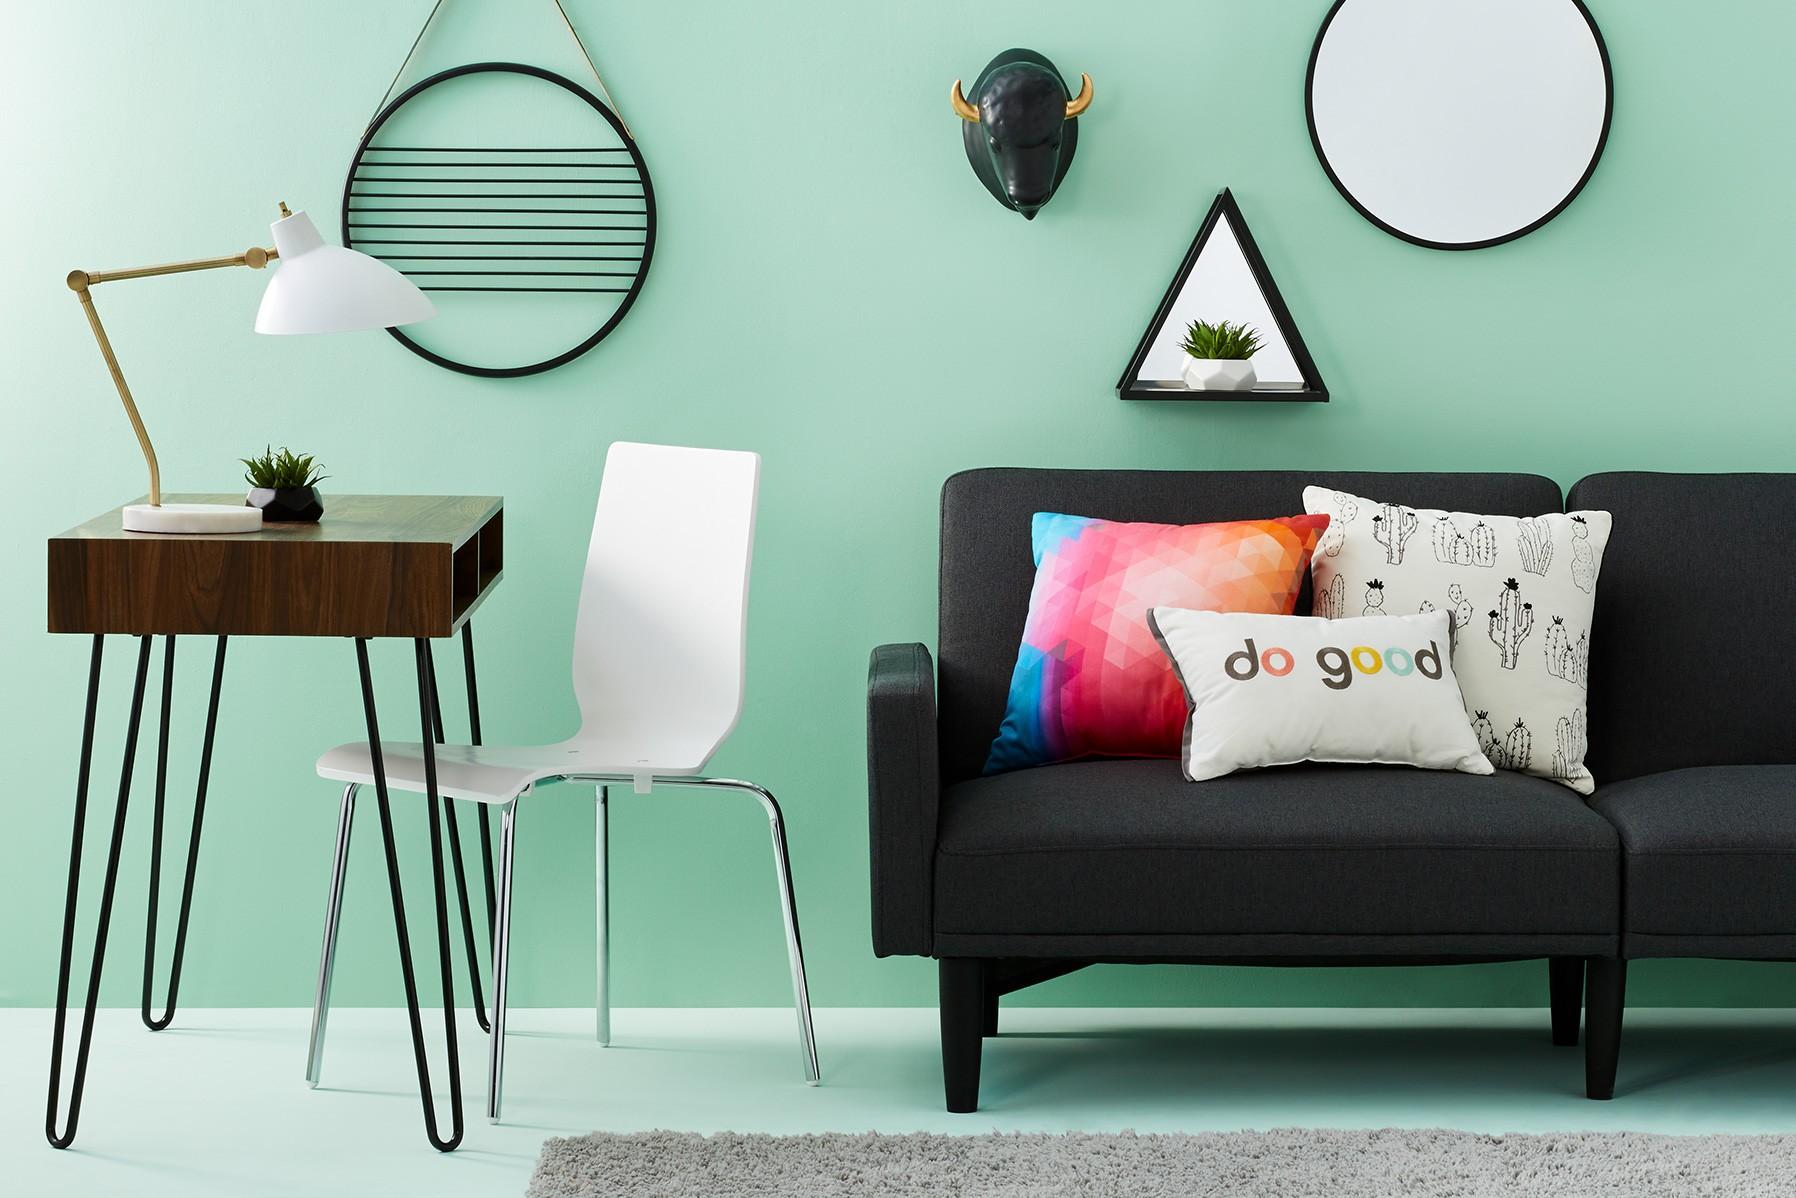 Pictures Furniture pictures furniture - interior design